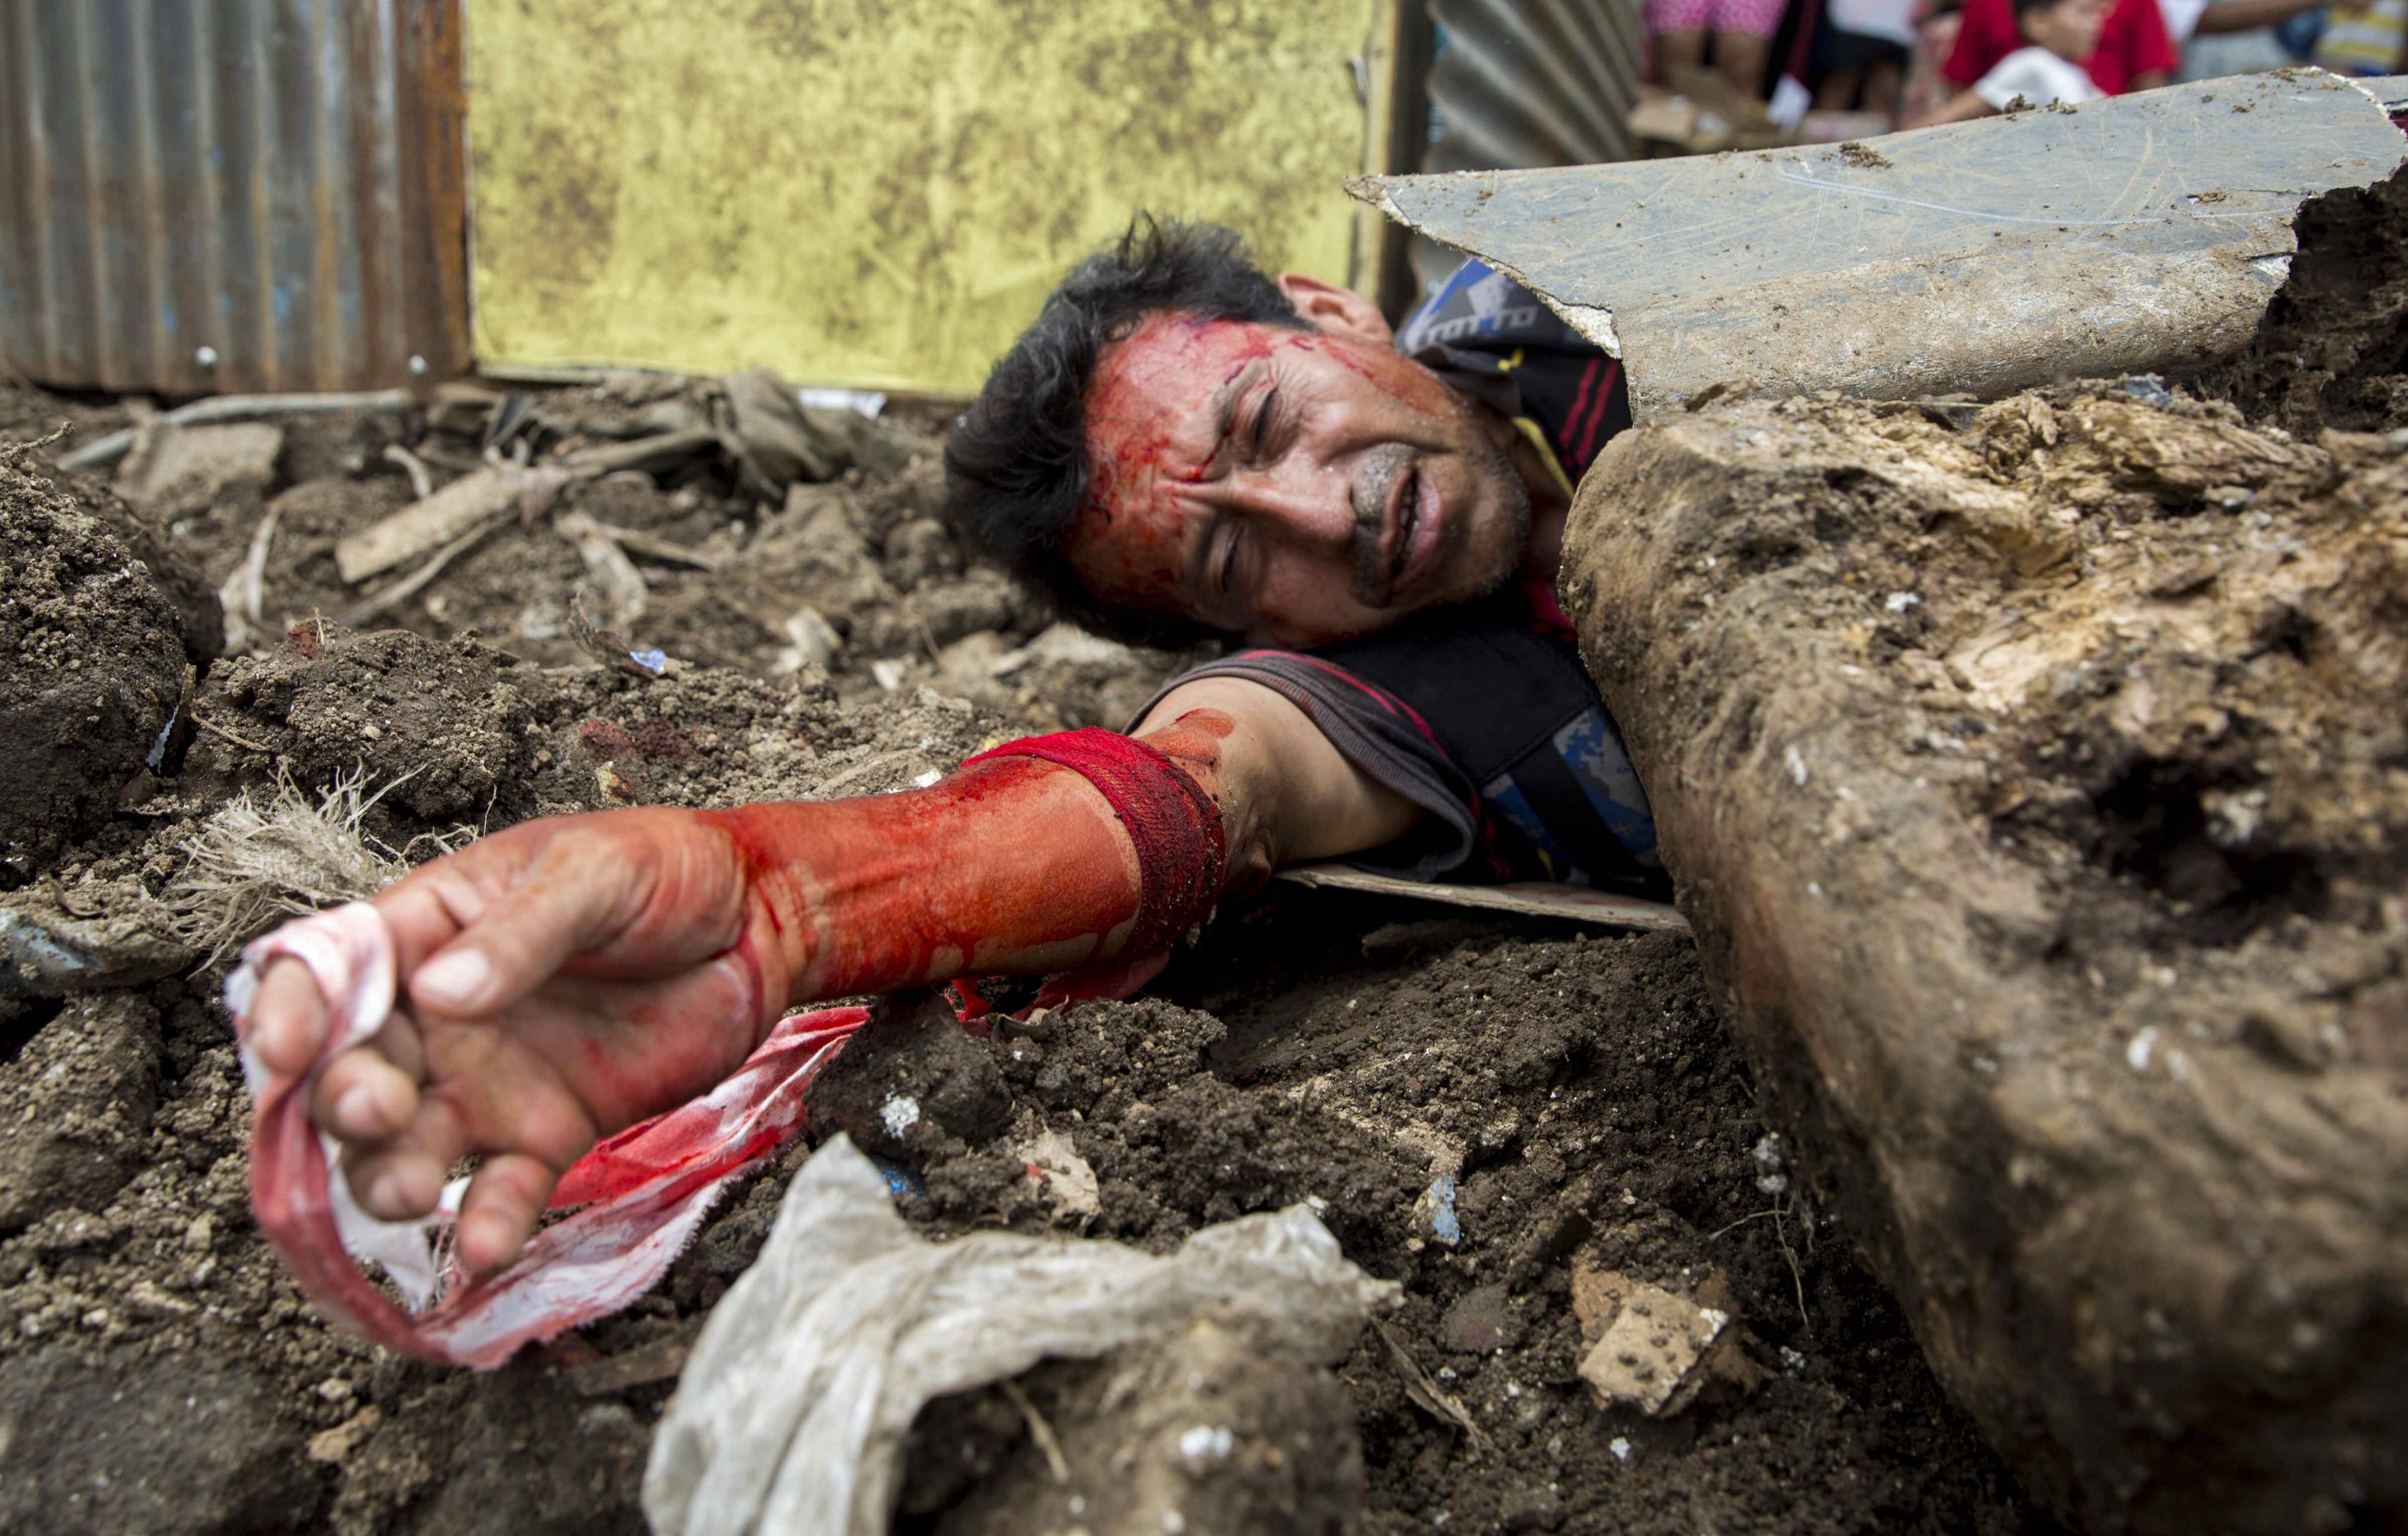 Un home participa en el segon simulacre nacional multi amenaces a Managua (Nicaragua). /JORGE TORRES